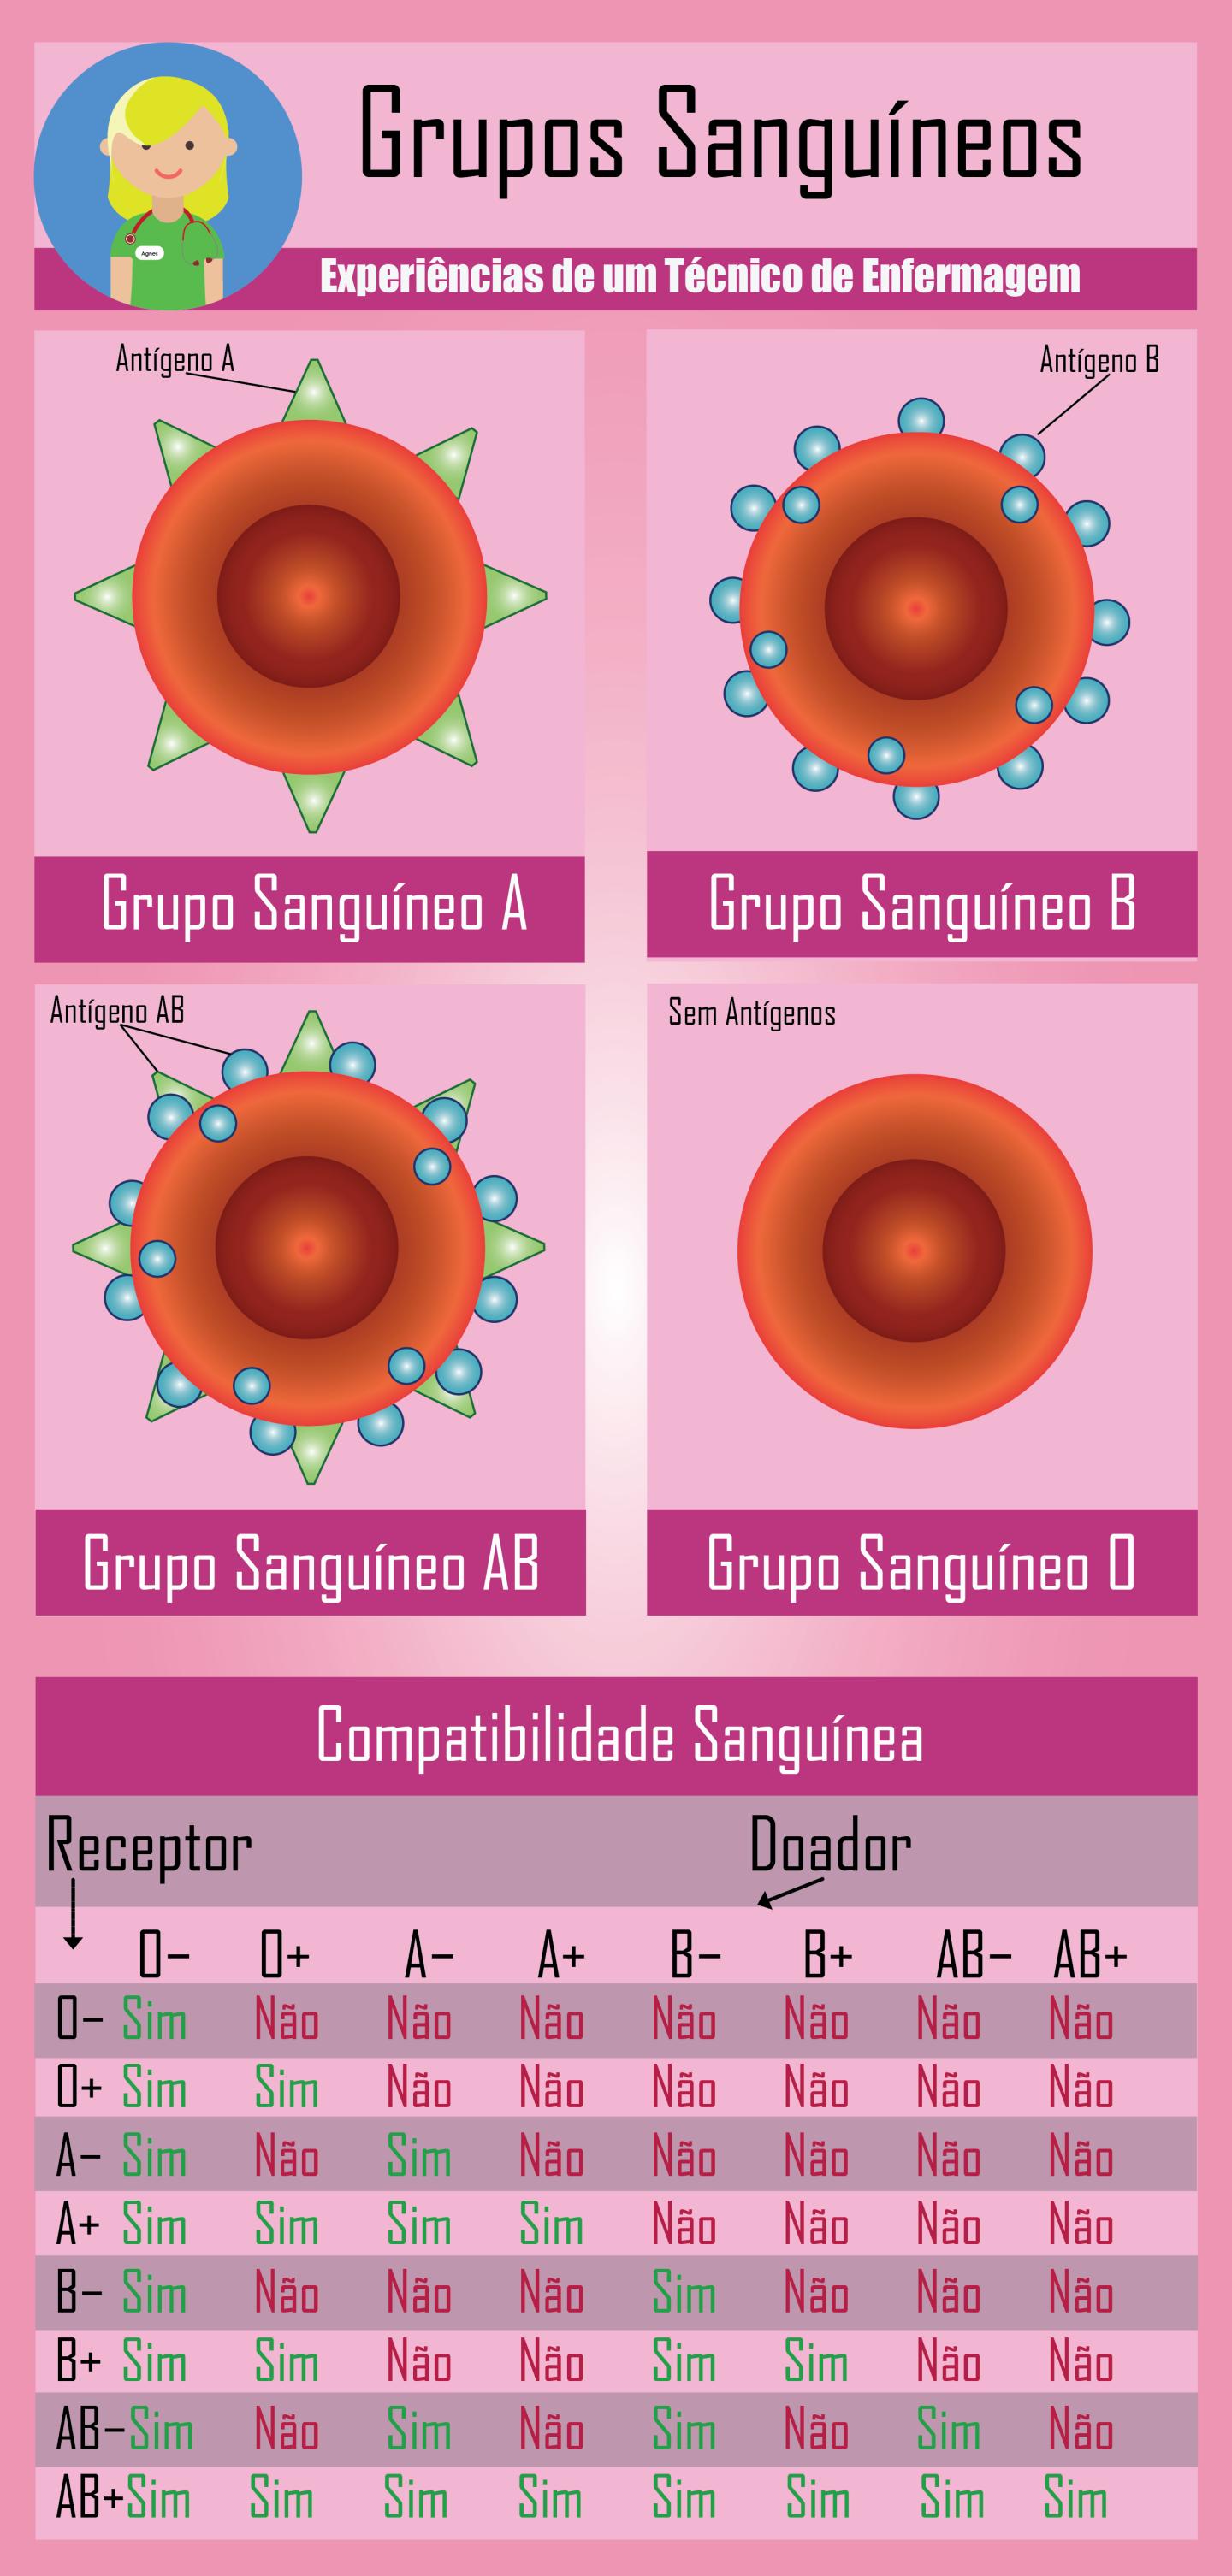 Grupos Sanguíneos | Biología, Medicina y Biomedica